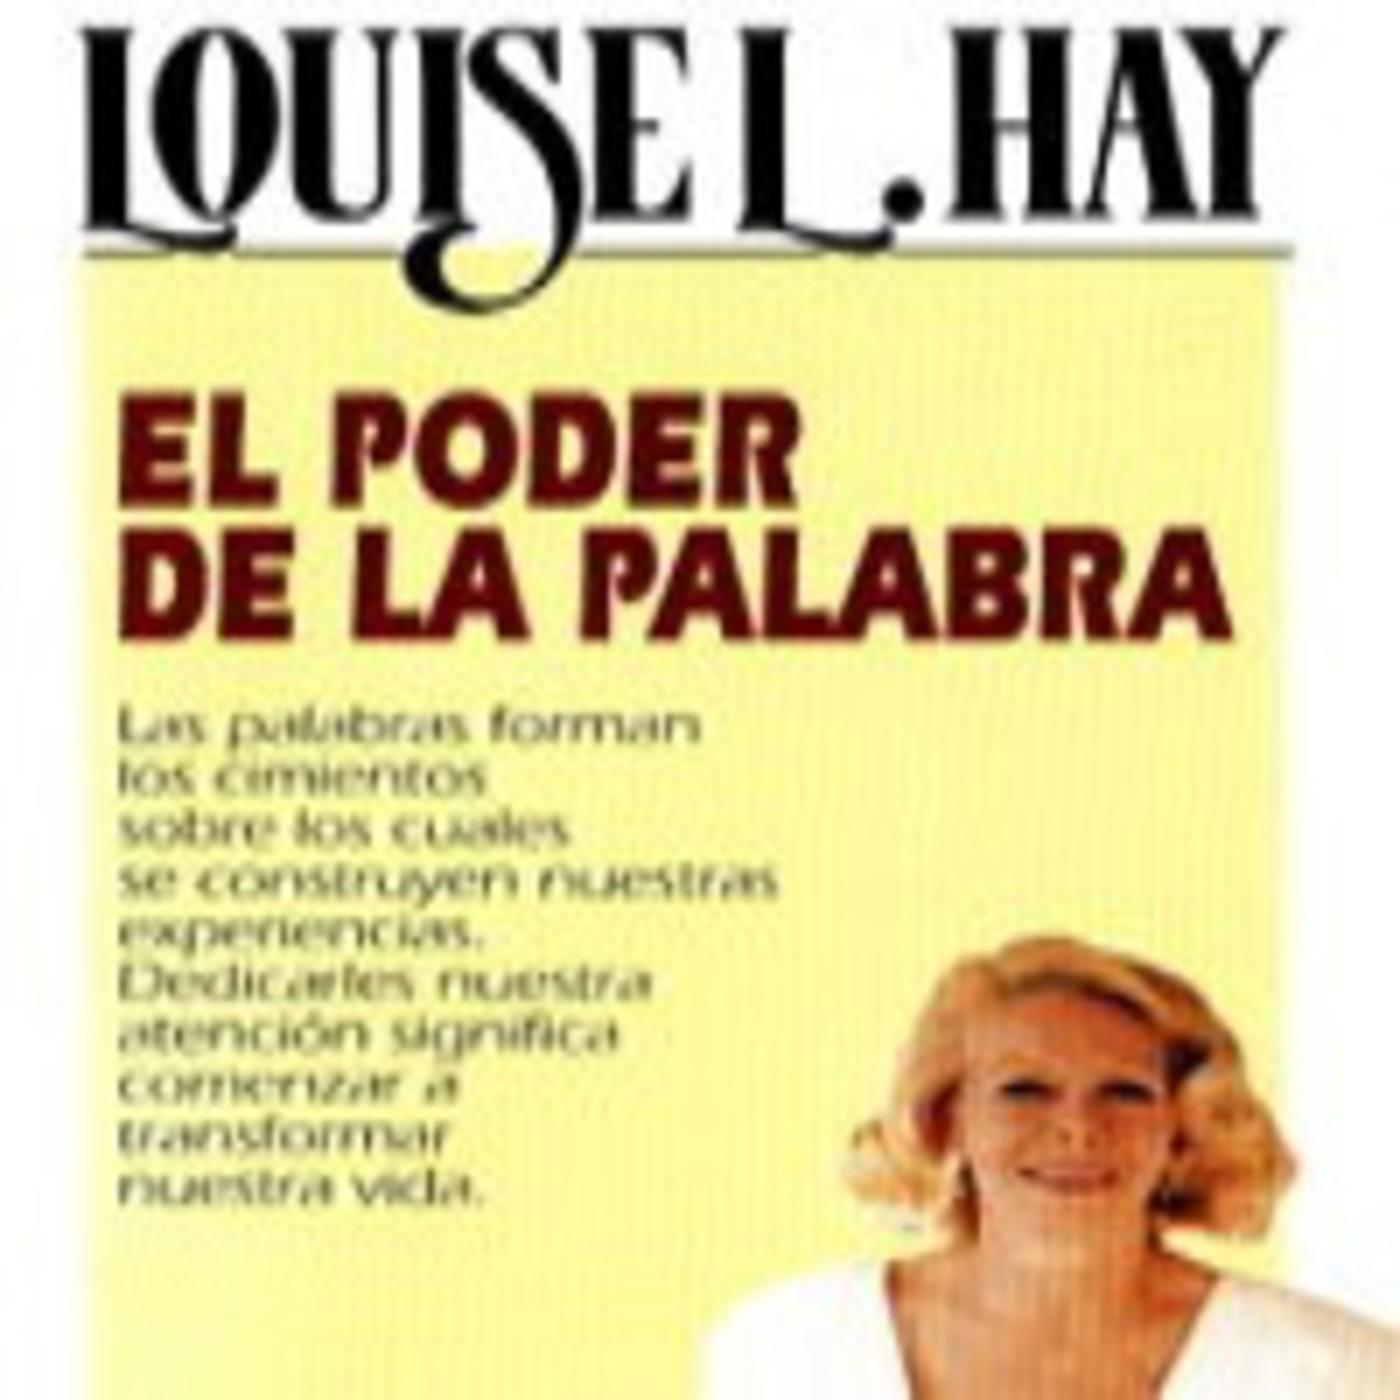 El poder de la palabra- Louise L. Hay en Audiolibros Stigmata666 en  mp3(16/04 a las 01:29:36) 49:49 3029884 - iVoox